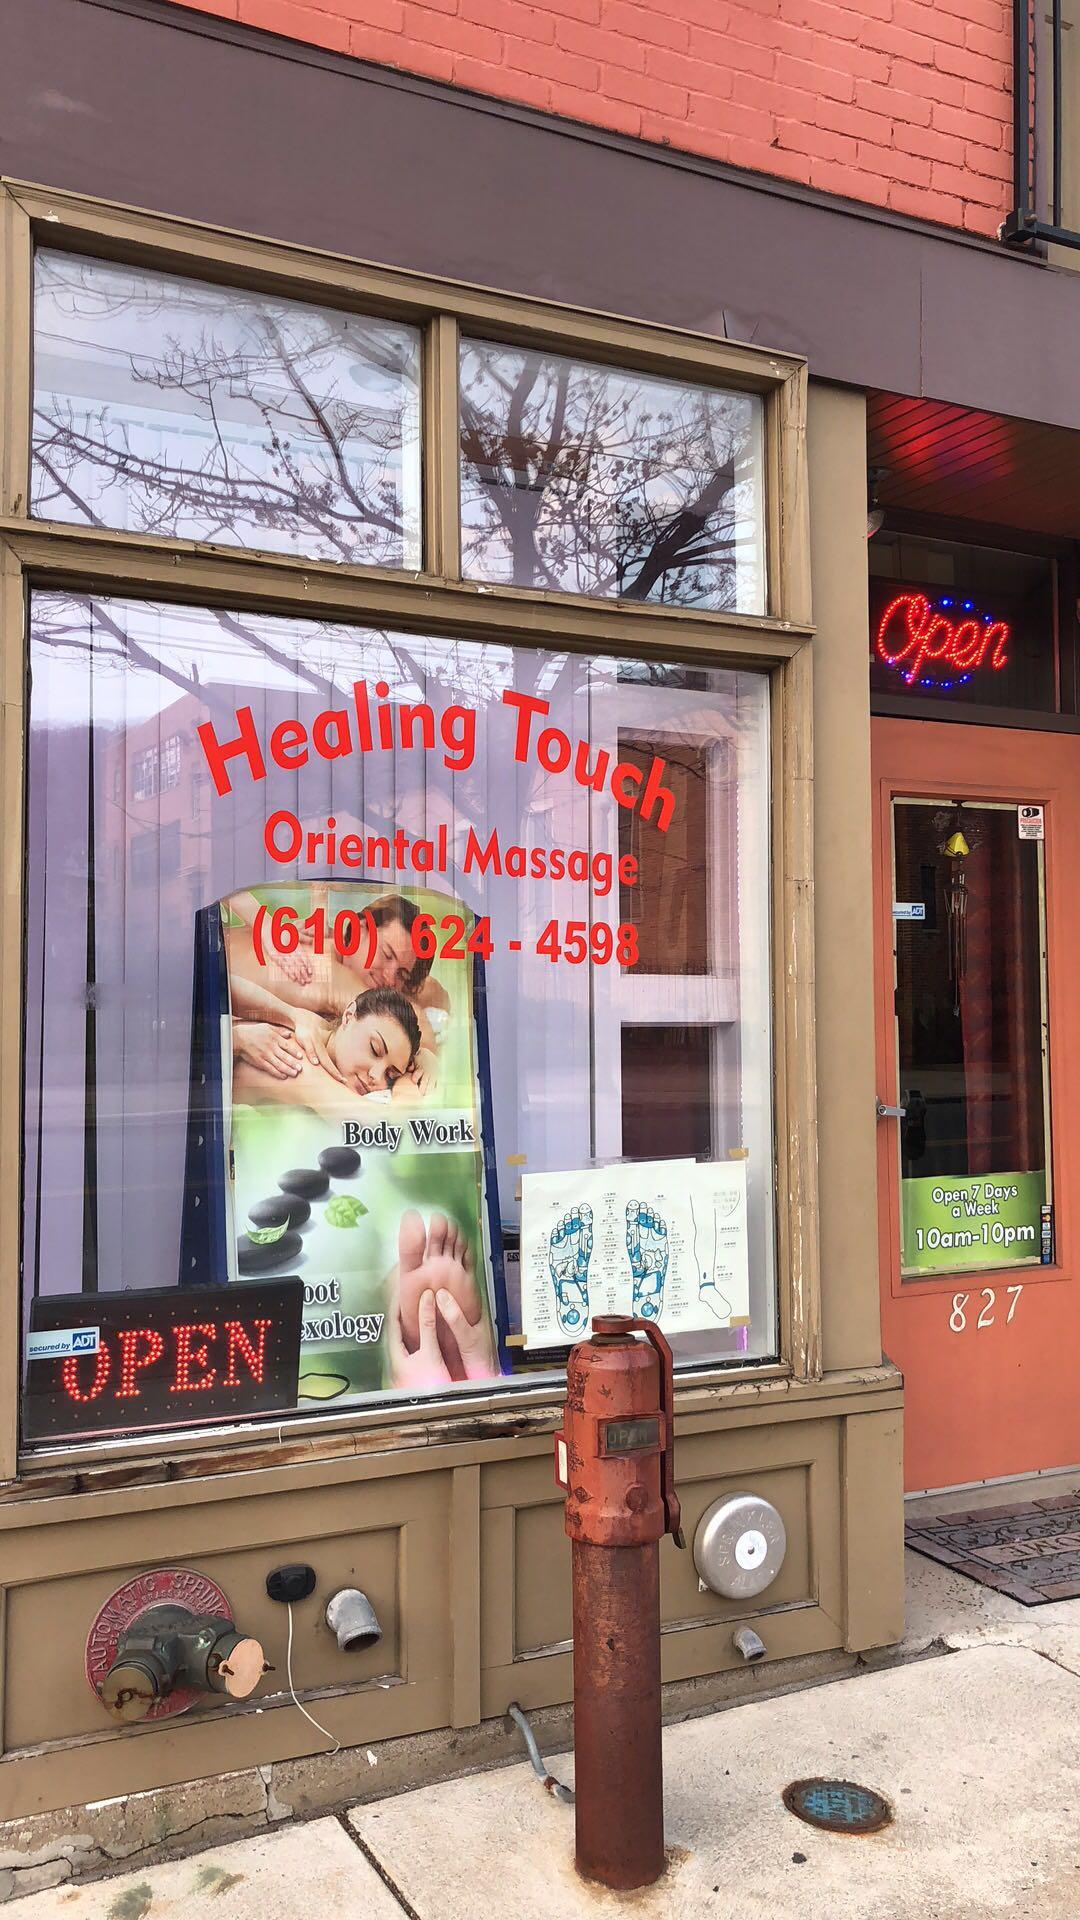 asian massage parlor allentown lehigh valley